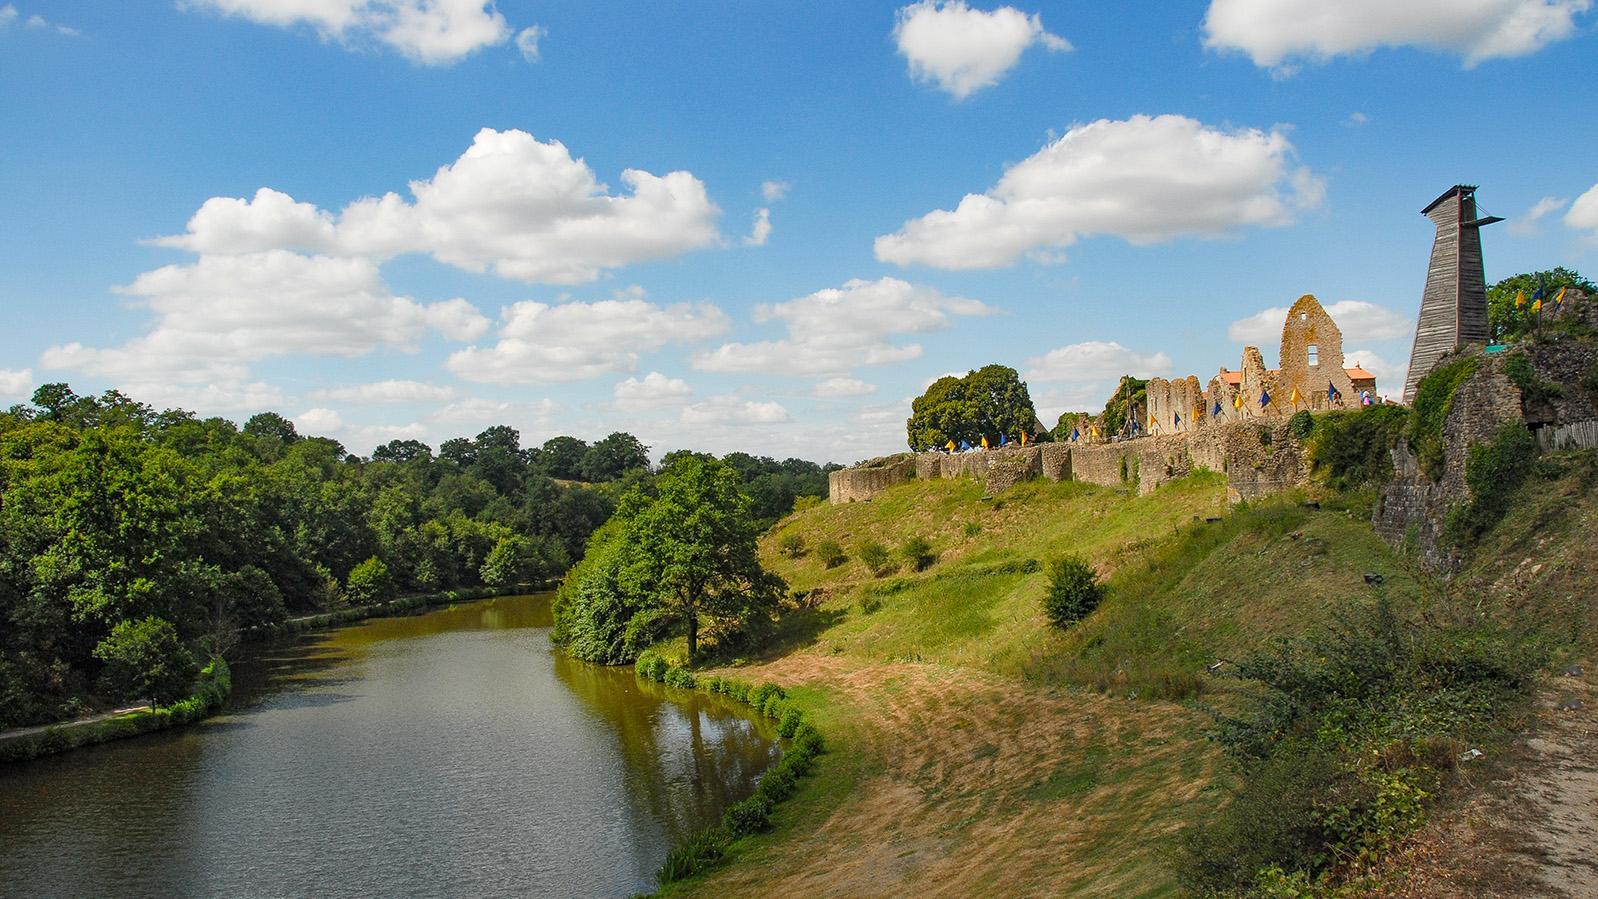 Tiffauges: Château de Tiffauges, Burganlage von Gilles de Rais, genannt Blaubart. Foto: Hilke Maunder